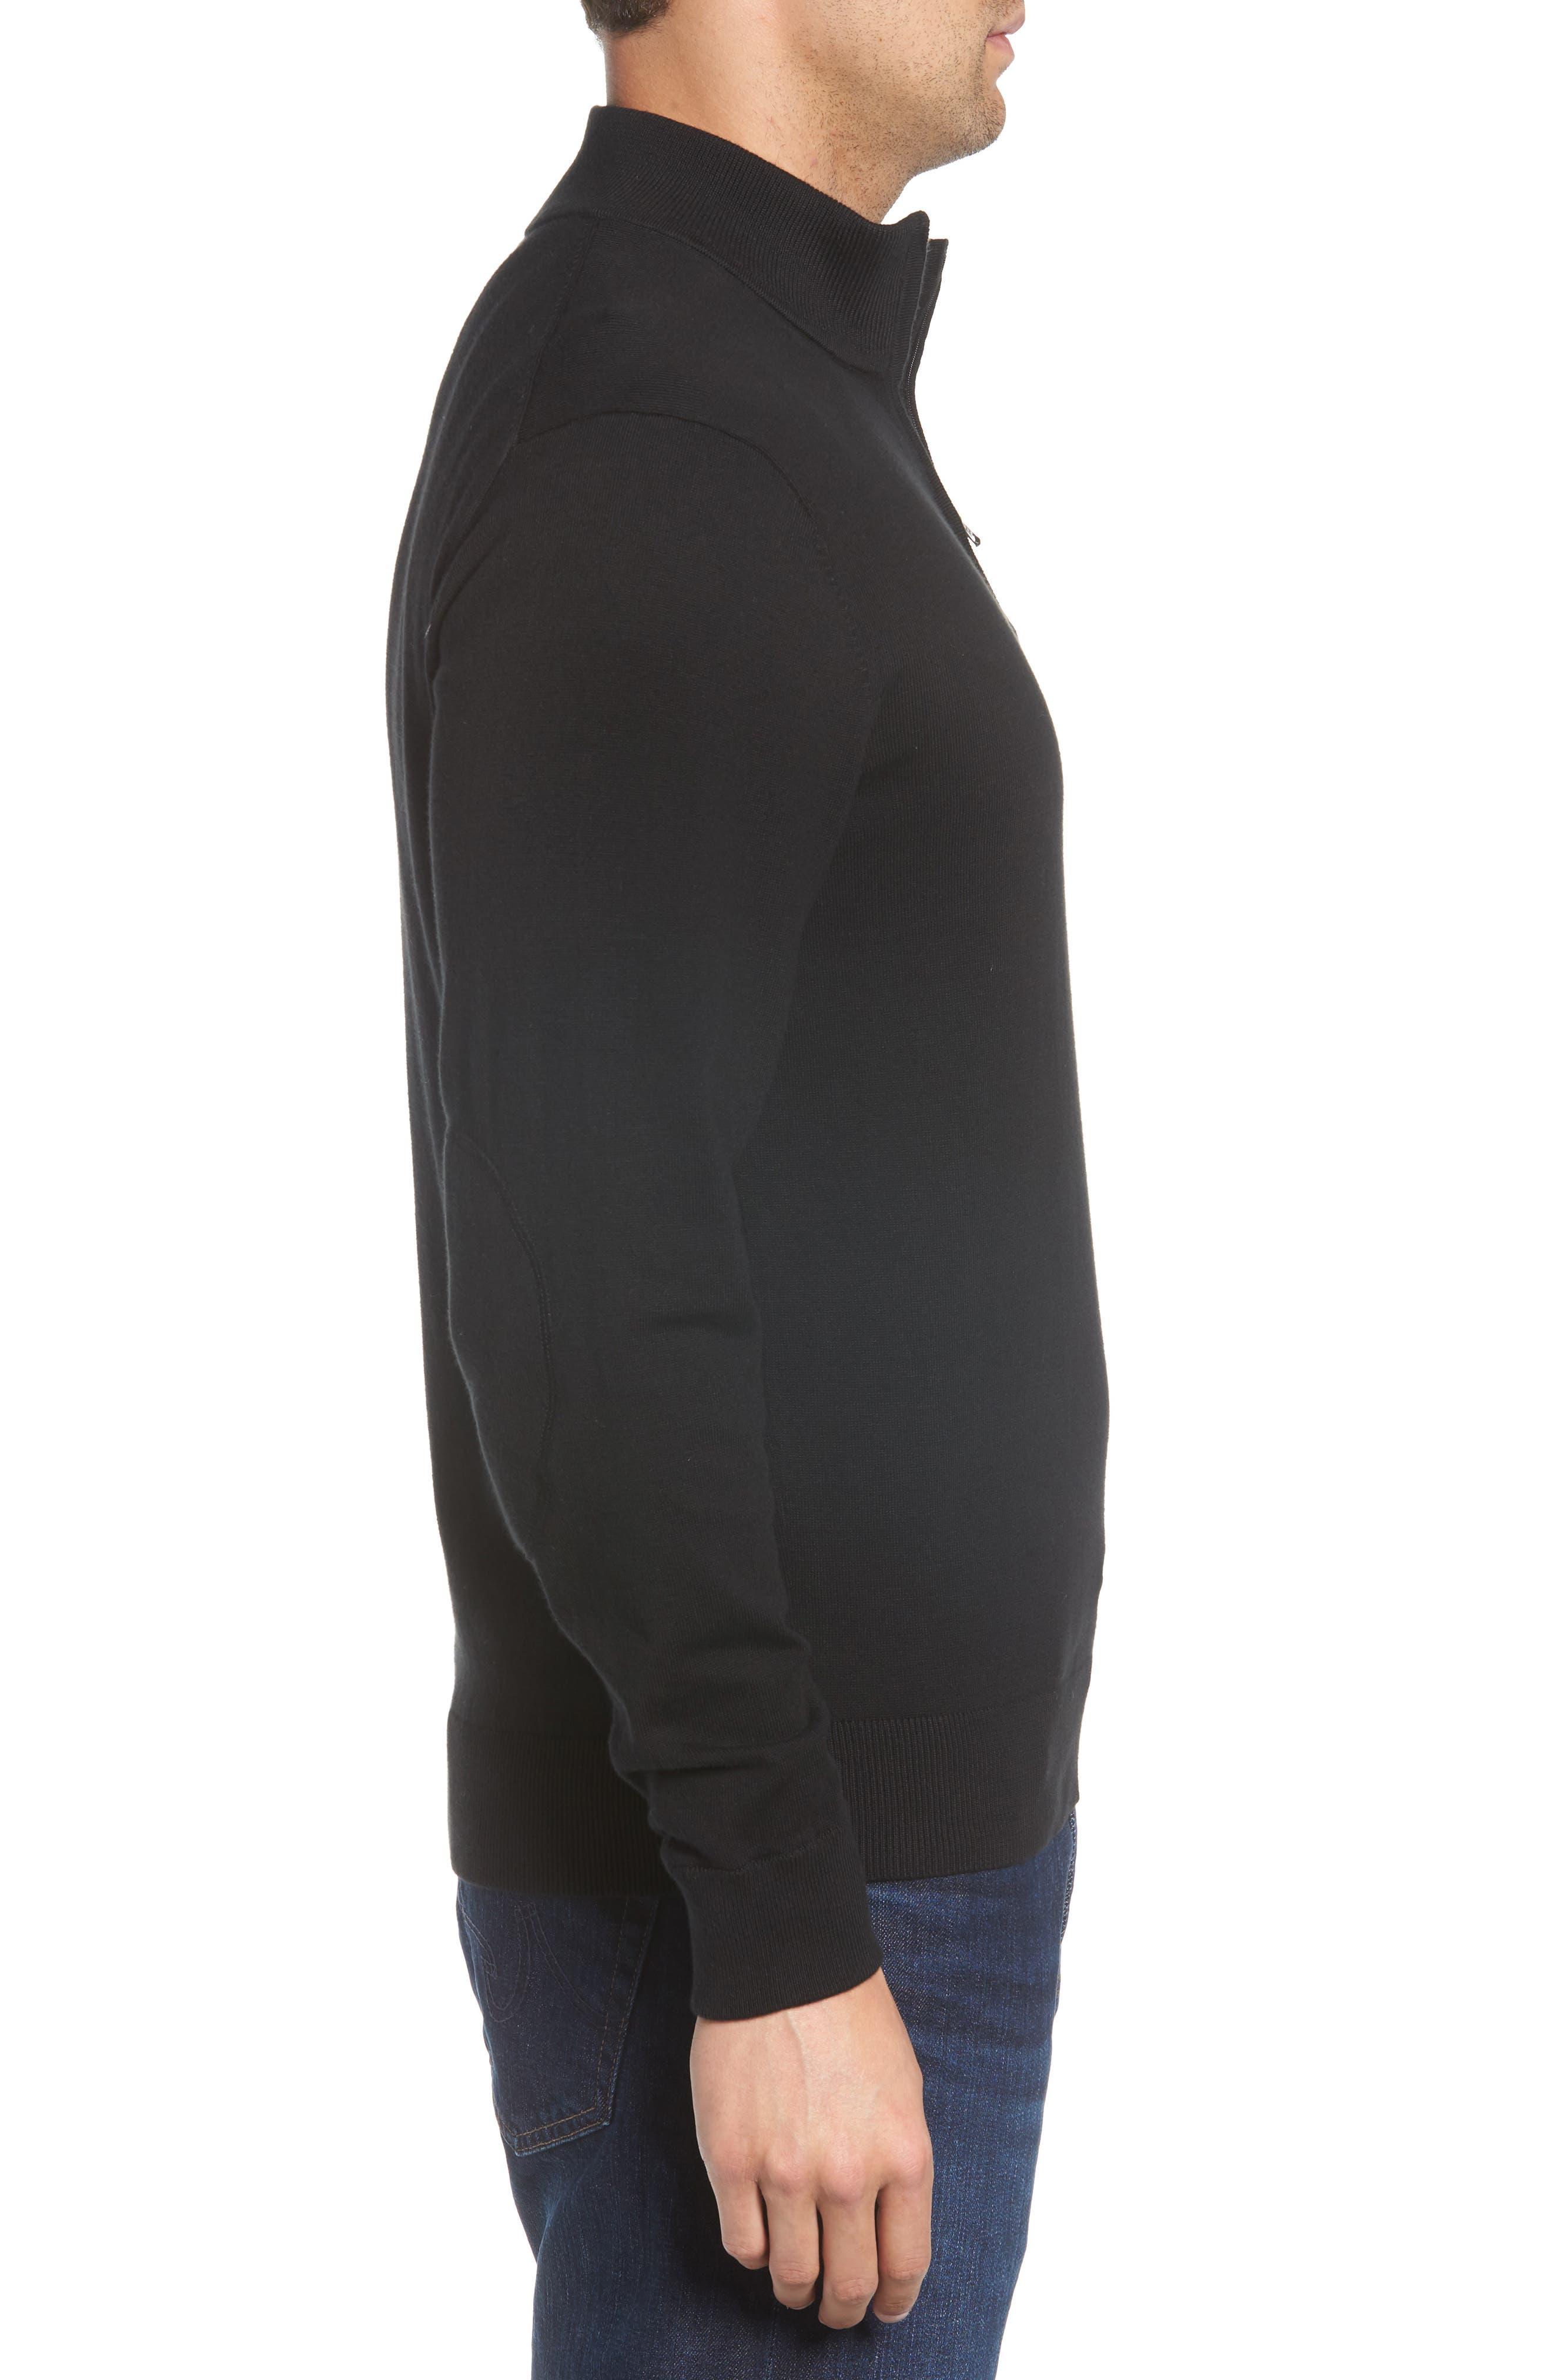 Chicago Bears - Lakemont Regular Fit Quarter Zip Sweater,                             Alternate thumbnail 3, color,                             BLACK